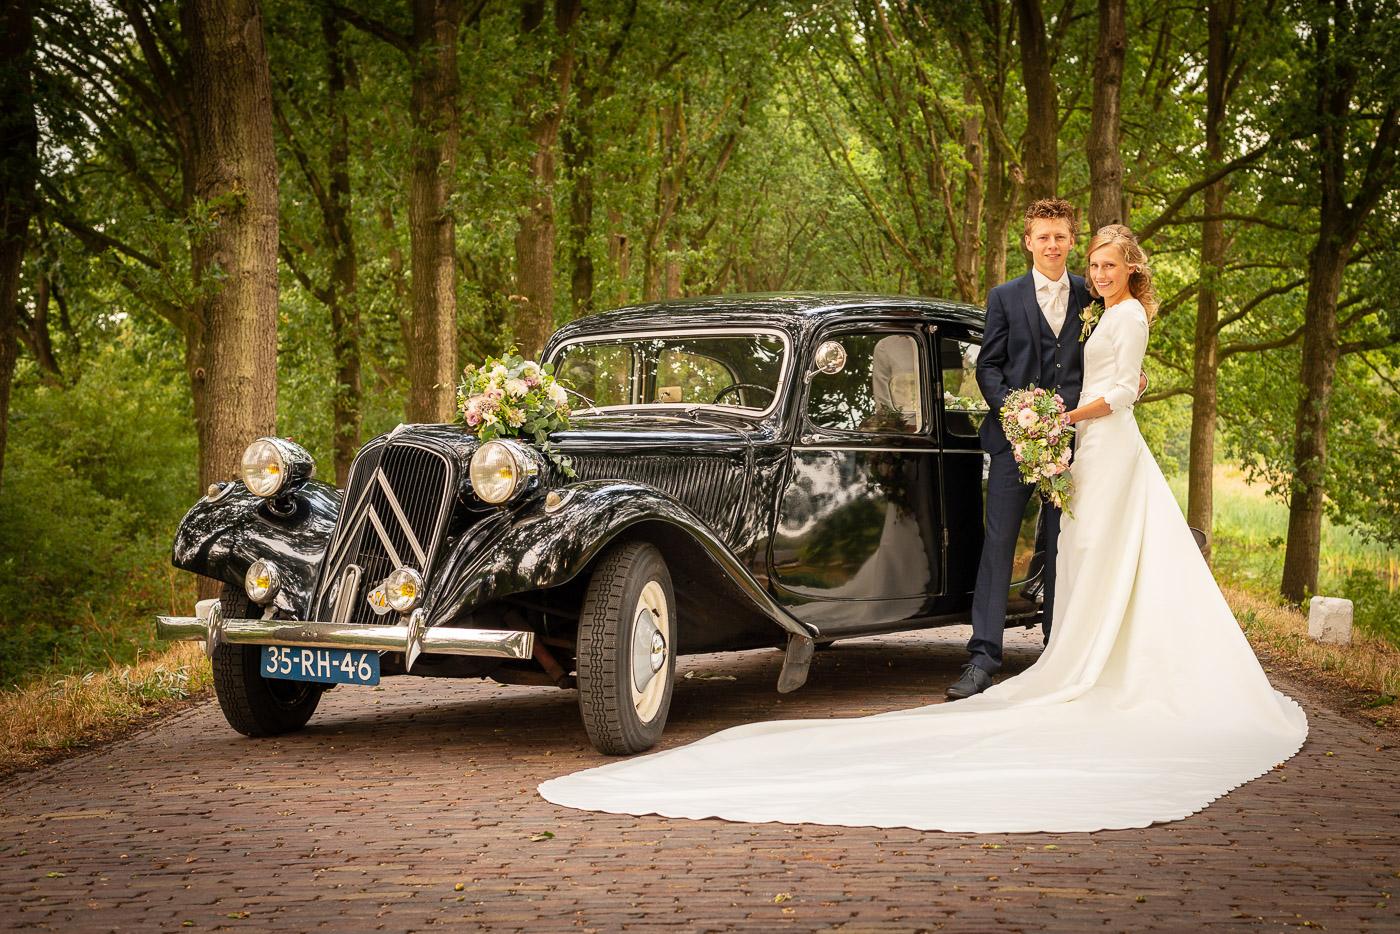 bruidsfotografie Wouter van Middendorp Uddel, Harskamp, Lunteren, Barneveld, fotograaf-10-2